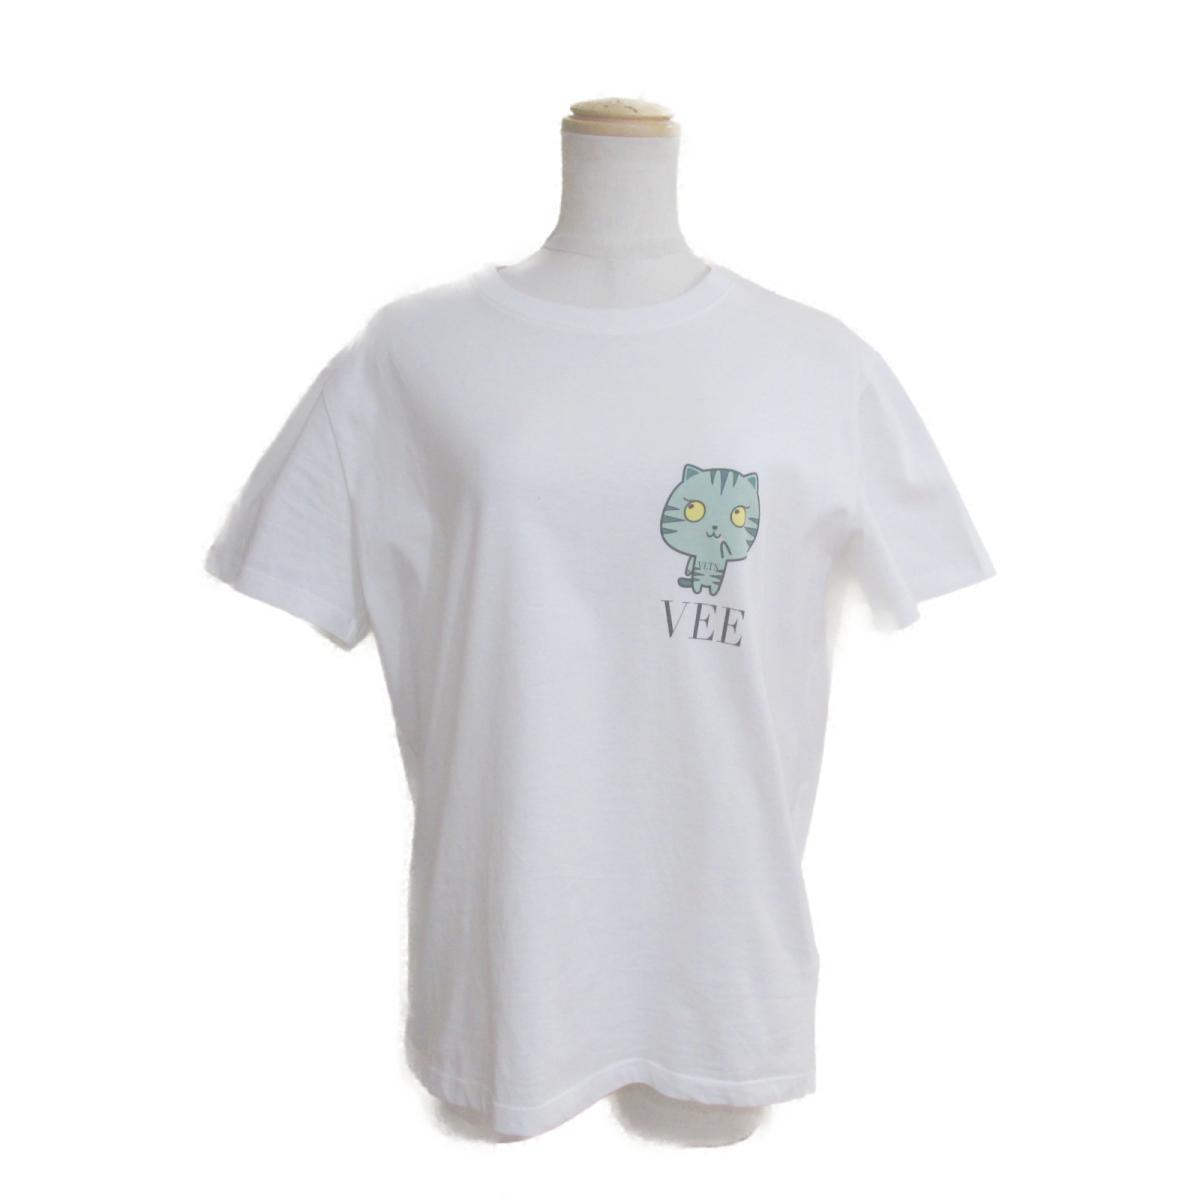 【中古】 ヴァレンチノ Tシャツ メンズ レディース コットン100% ホワイト × グリーン | VALENTINO BRANDOFF ブランドオフ 衣料品 衣類 ブランド トップス シャツ カットソー